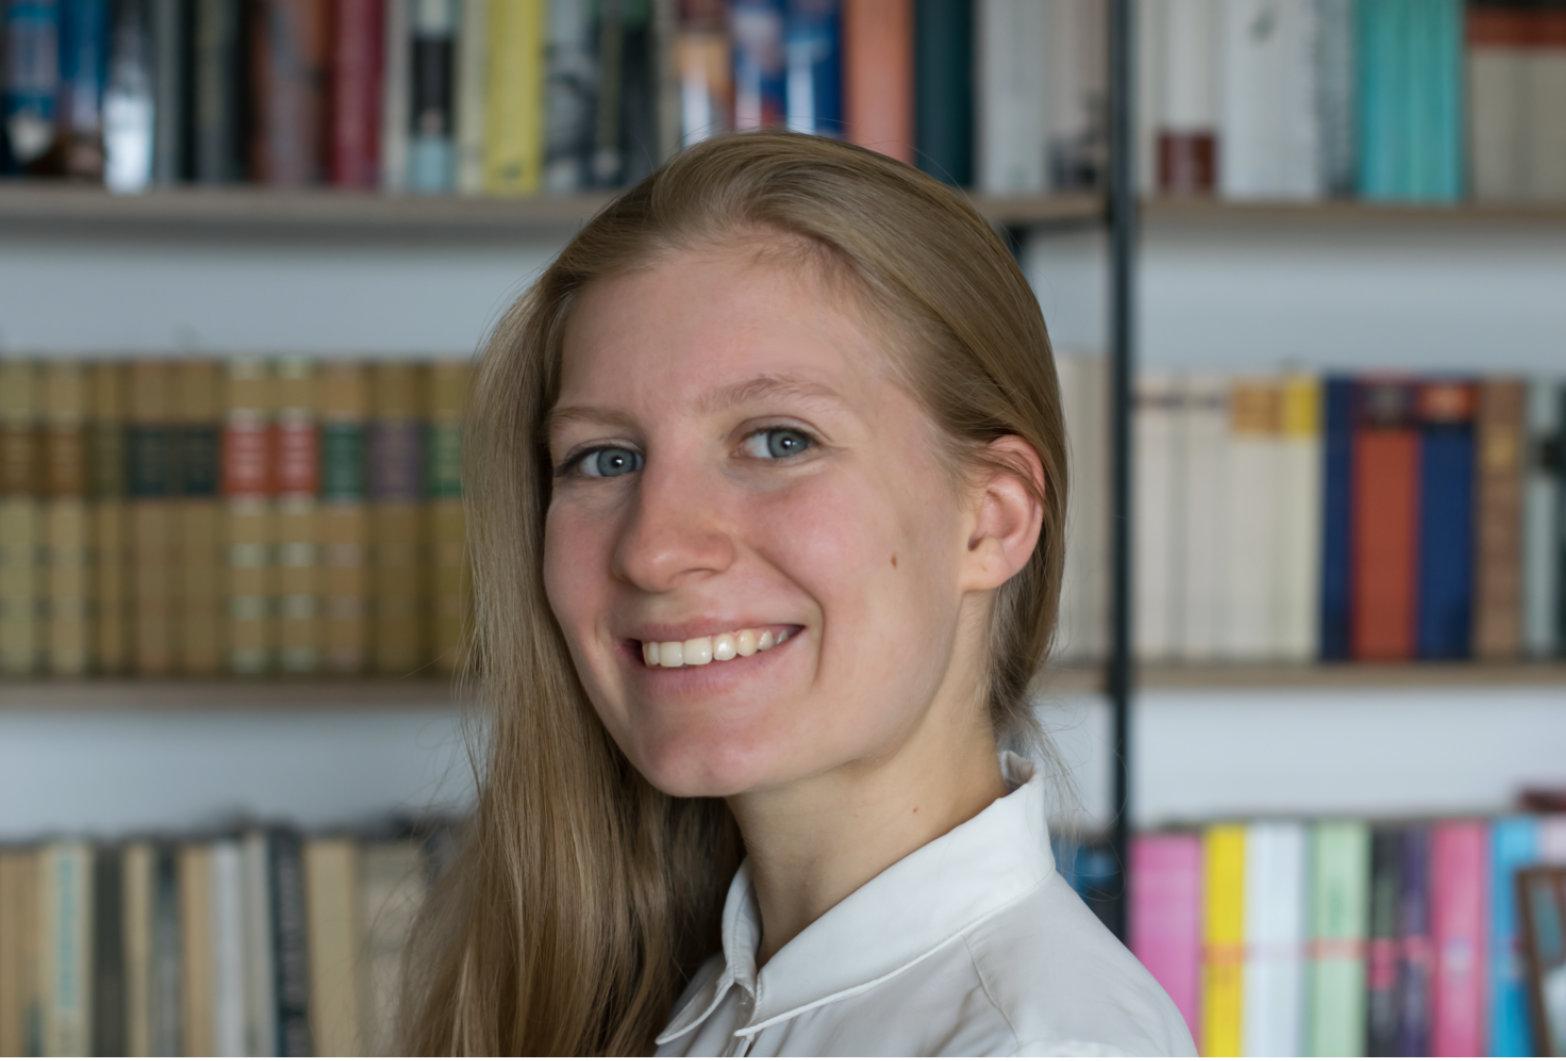 Student, University of Zurich